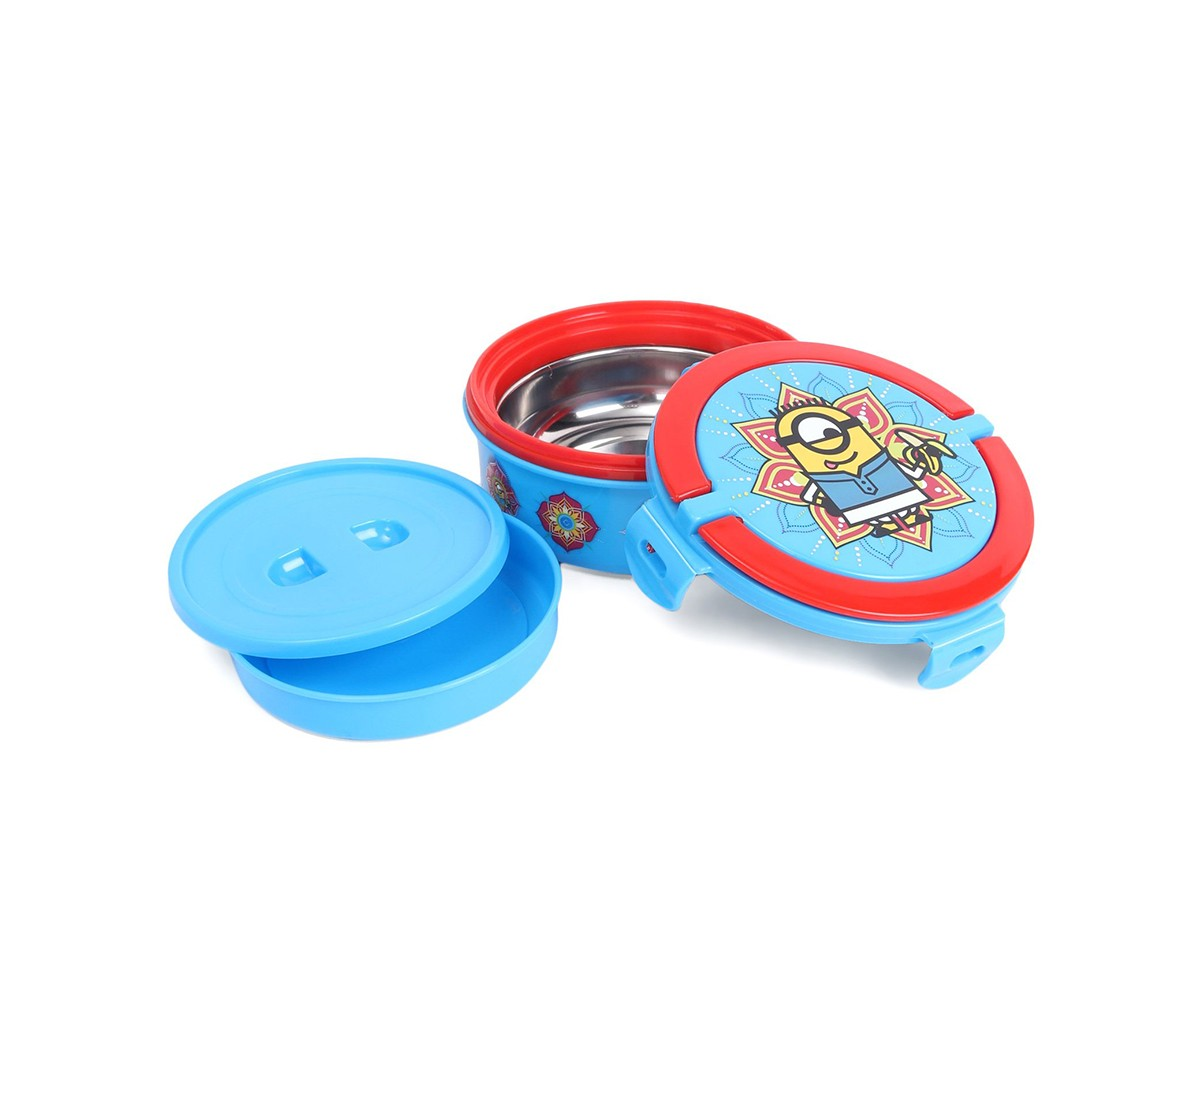 Minions Masala Round Small Lunch Box, 2Y+ (Multicolor)